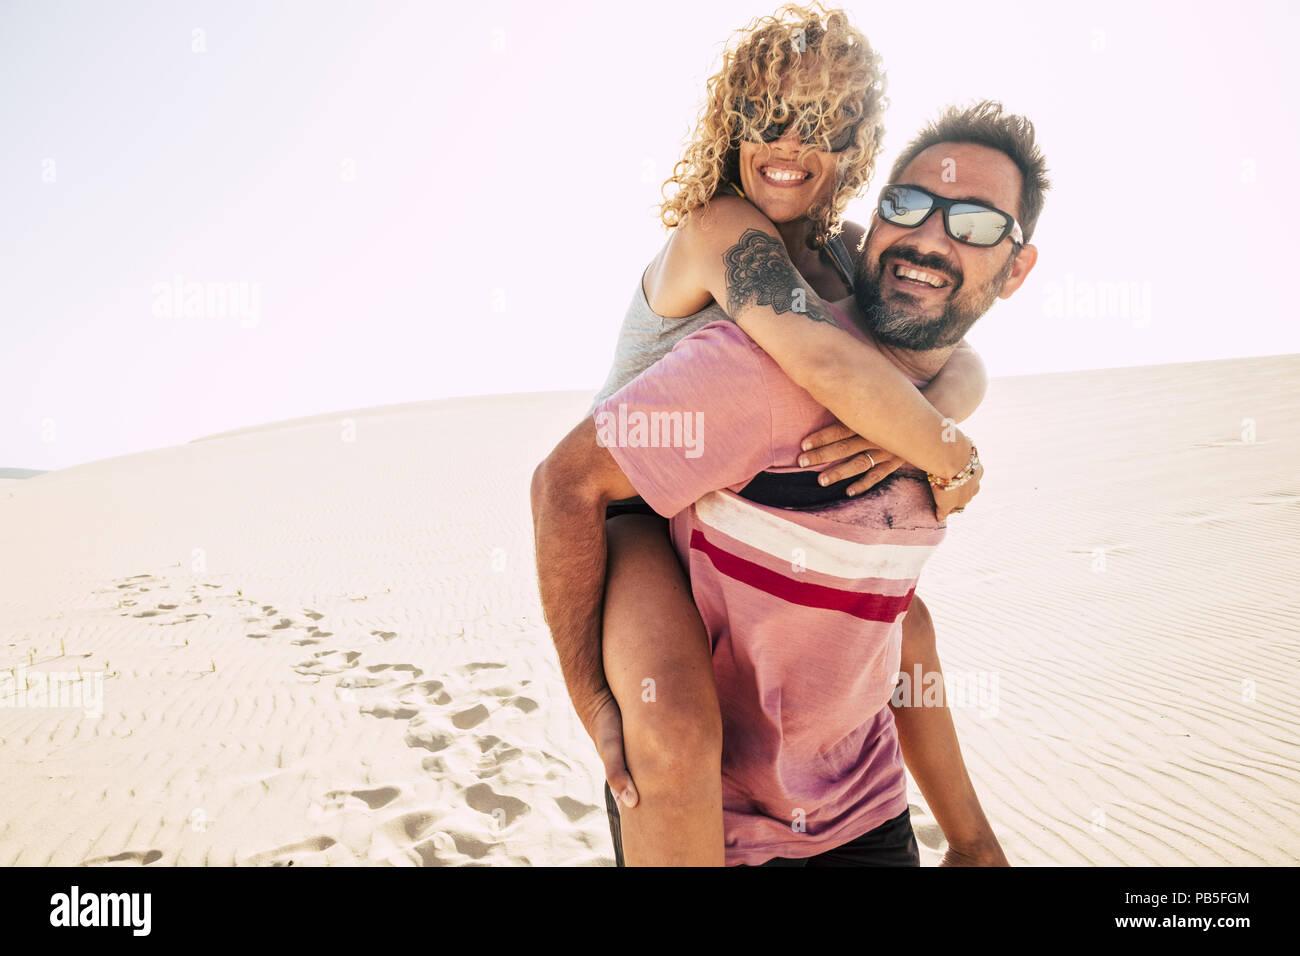 Persone e matura in amore hanno divertimento e godetevi le dune del deserto in spiaggia in vacanza. L'uomo portare sul suo retro la bella capelli ricci donna sorridente un Immagini Stock